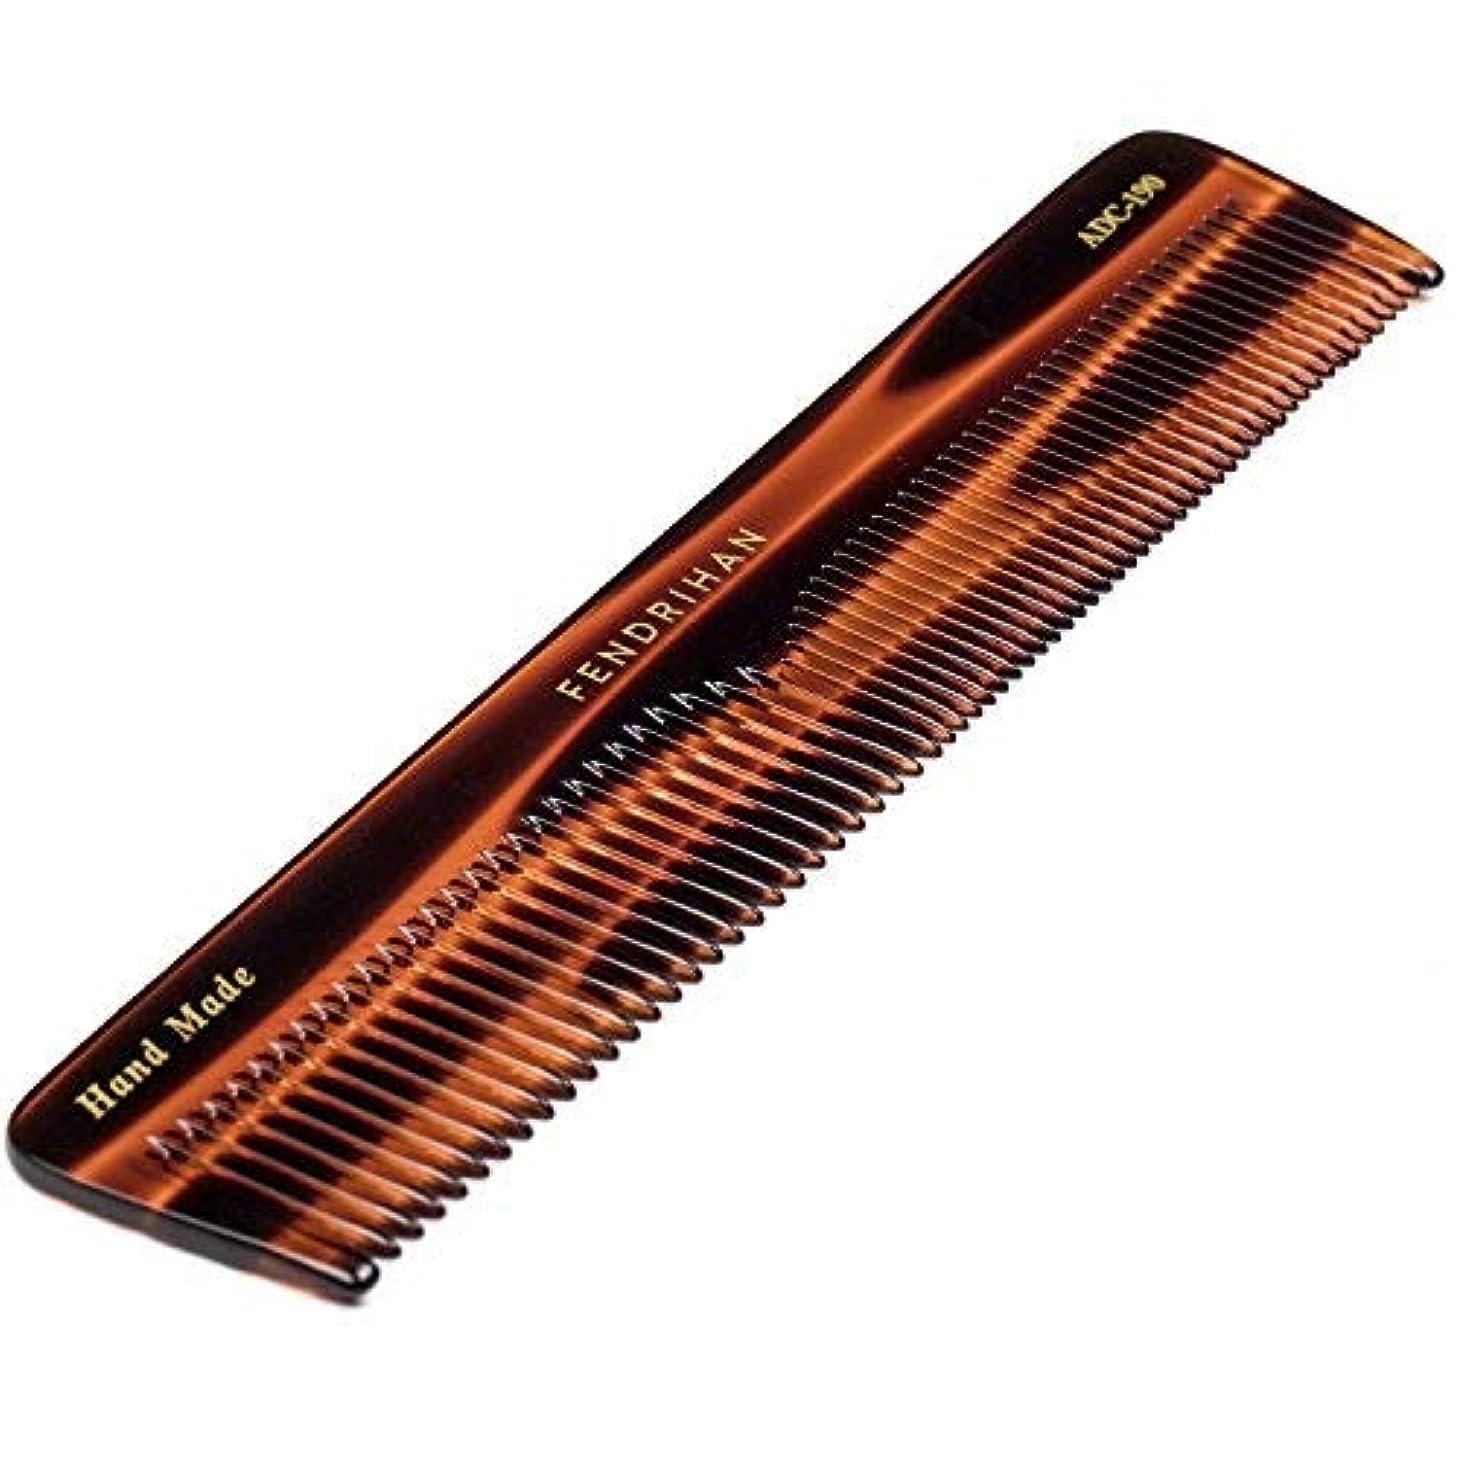 インスタンスアラスカ嫌がらせFendrihan Hand Finished Large Double Tooth Comb for Men, Faux Tortoise (7.3 Inches) [並行輸入品]